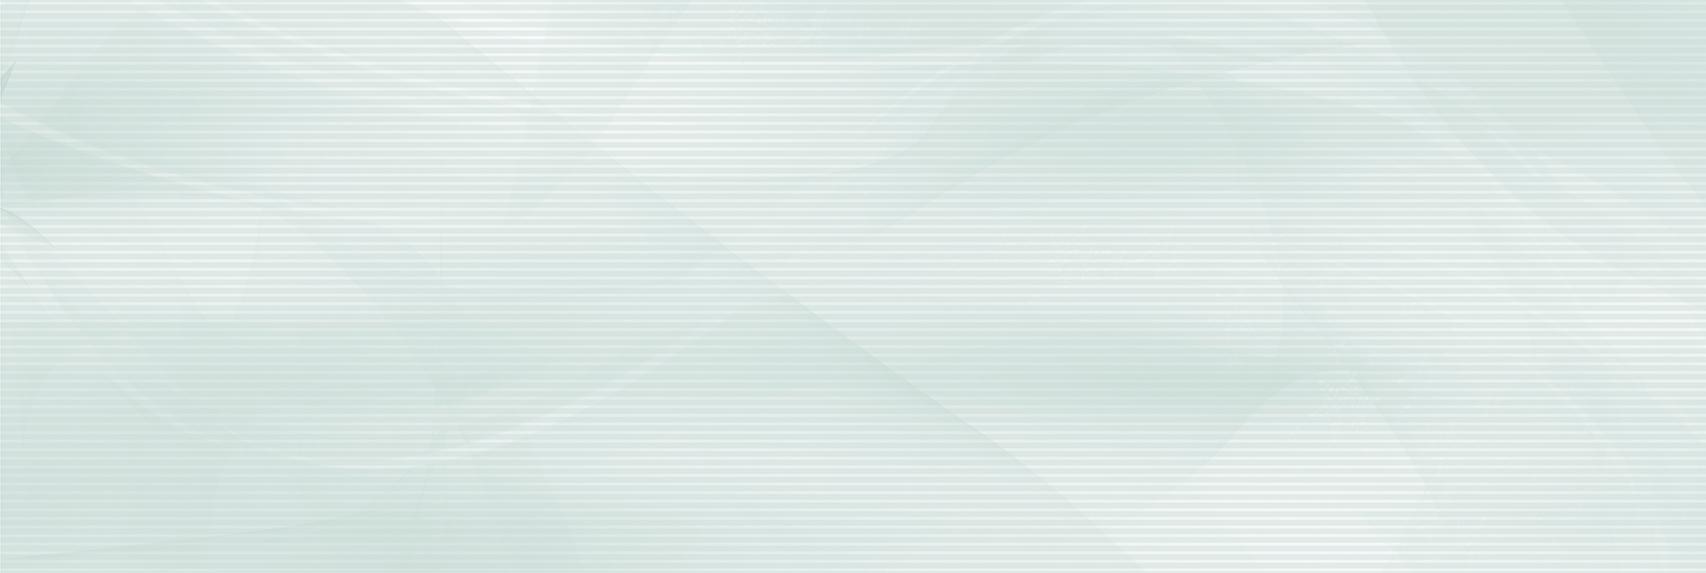 Купить Керамическая плитка AltaСera Hloya Cloud WT11СLD03 настенная 20x60, Россия